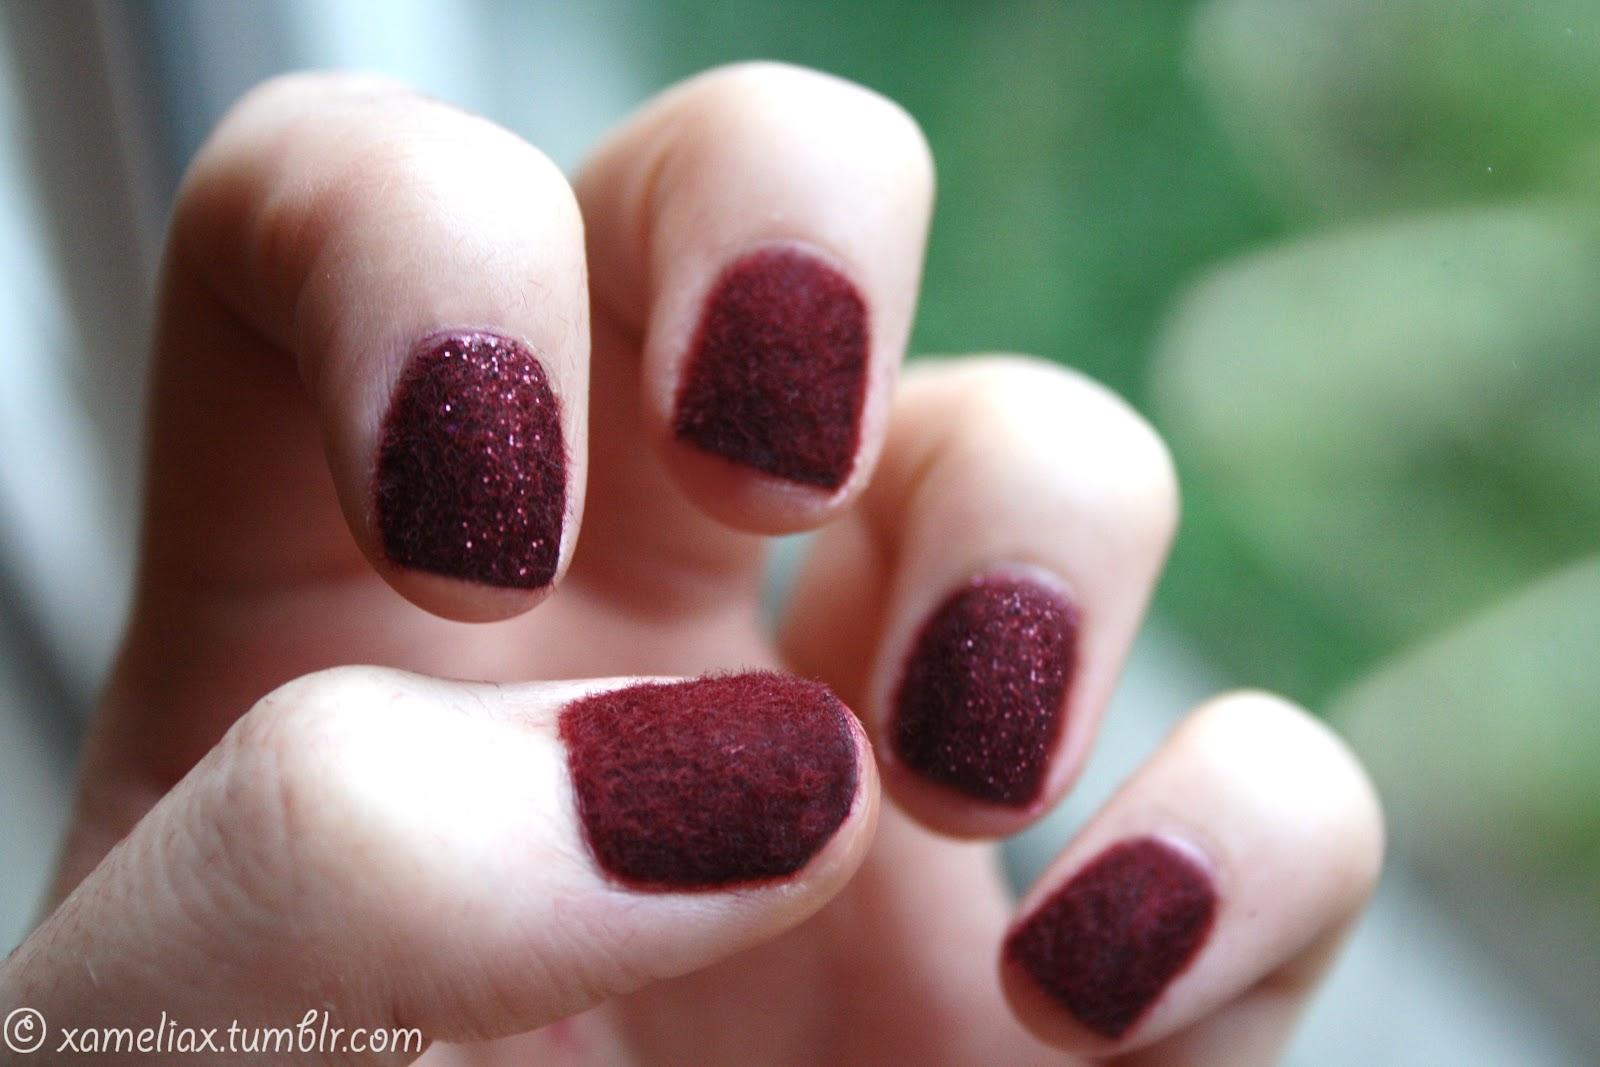 ♥. amelia paints nails .♥.: .Burgundy Velvet Manicure.